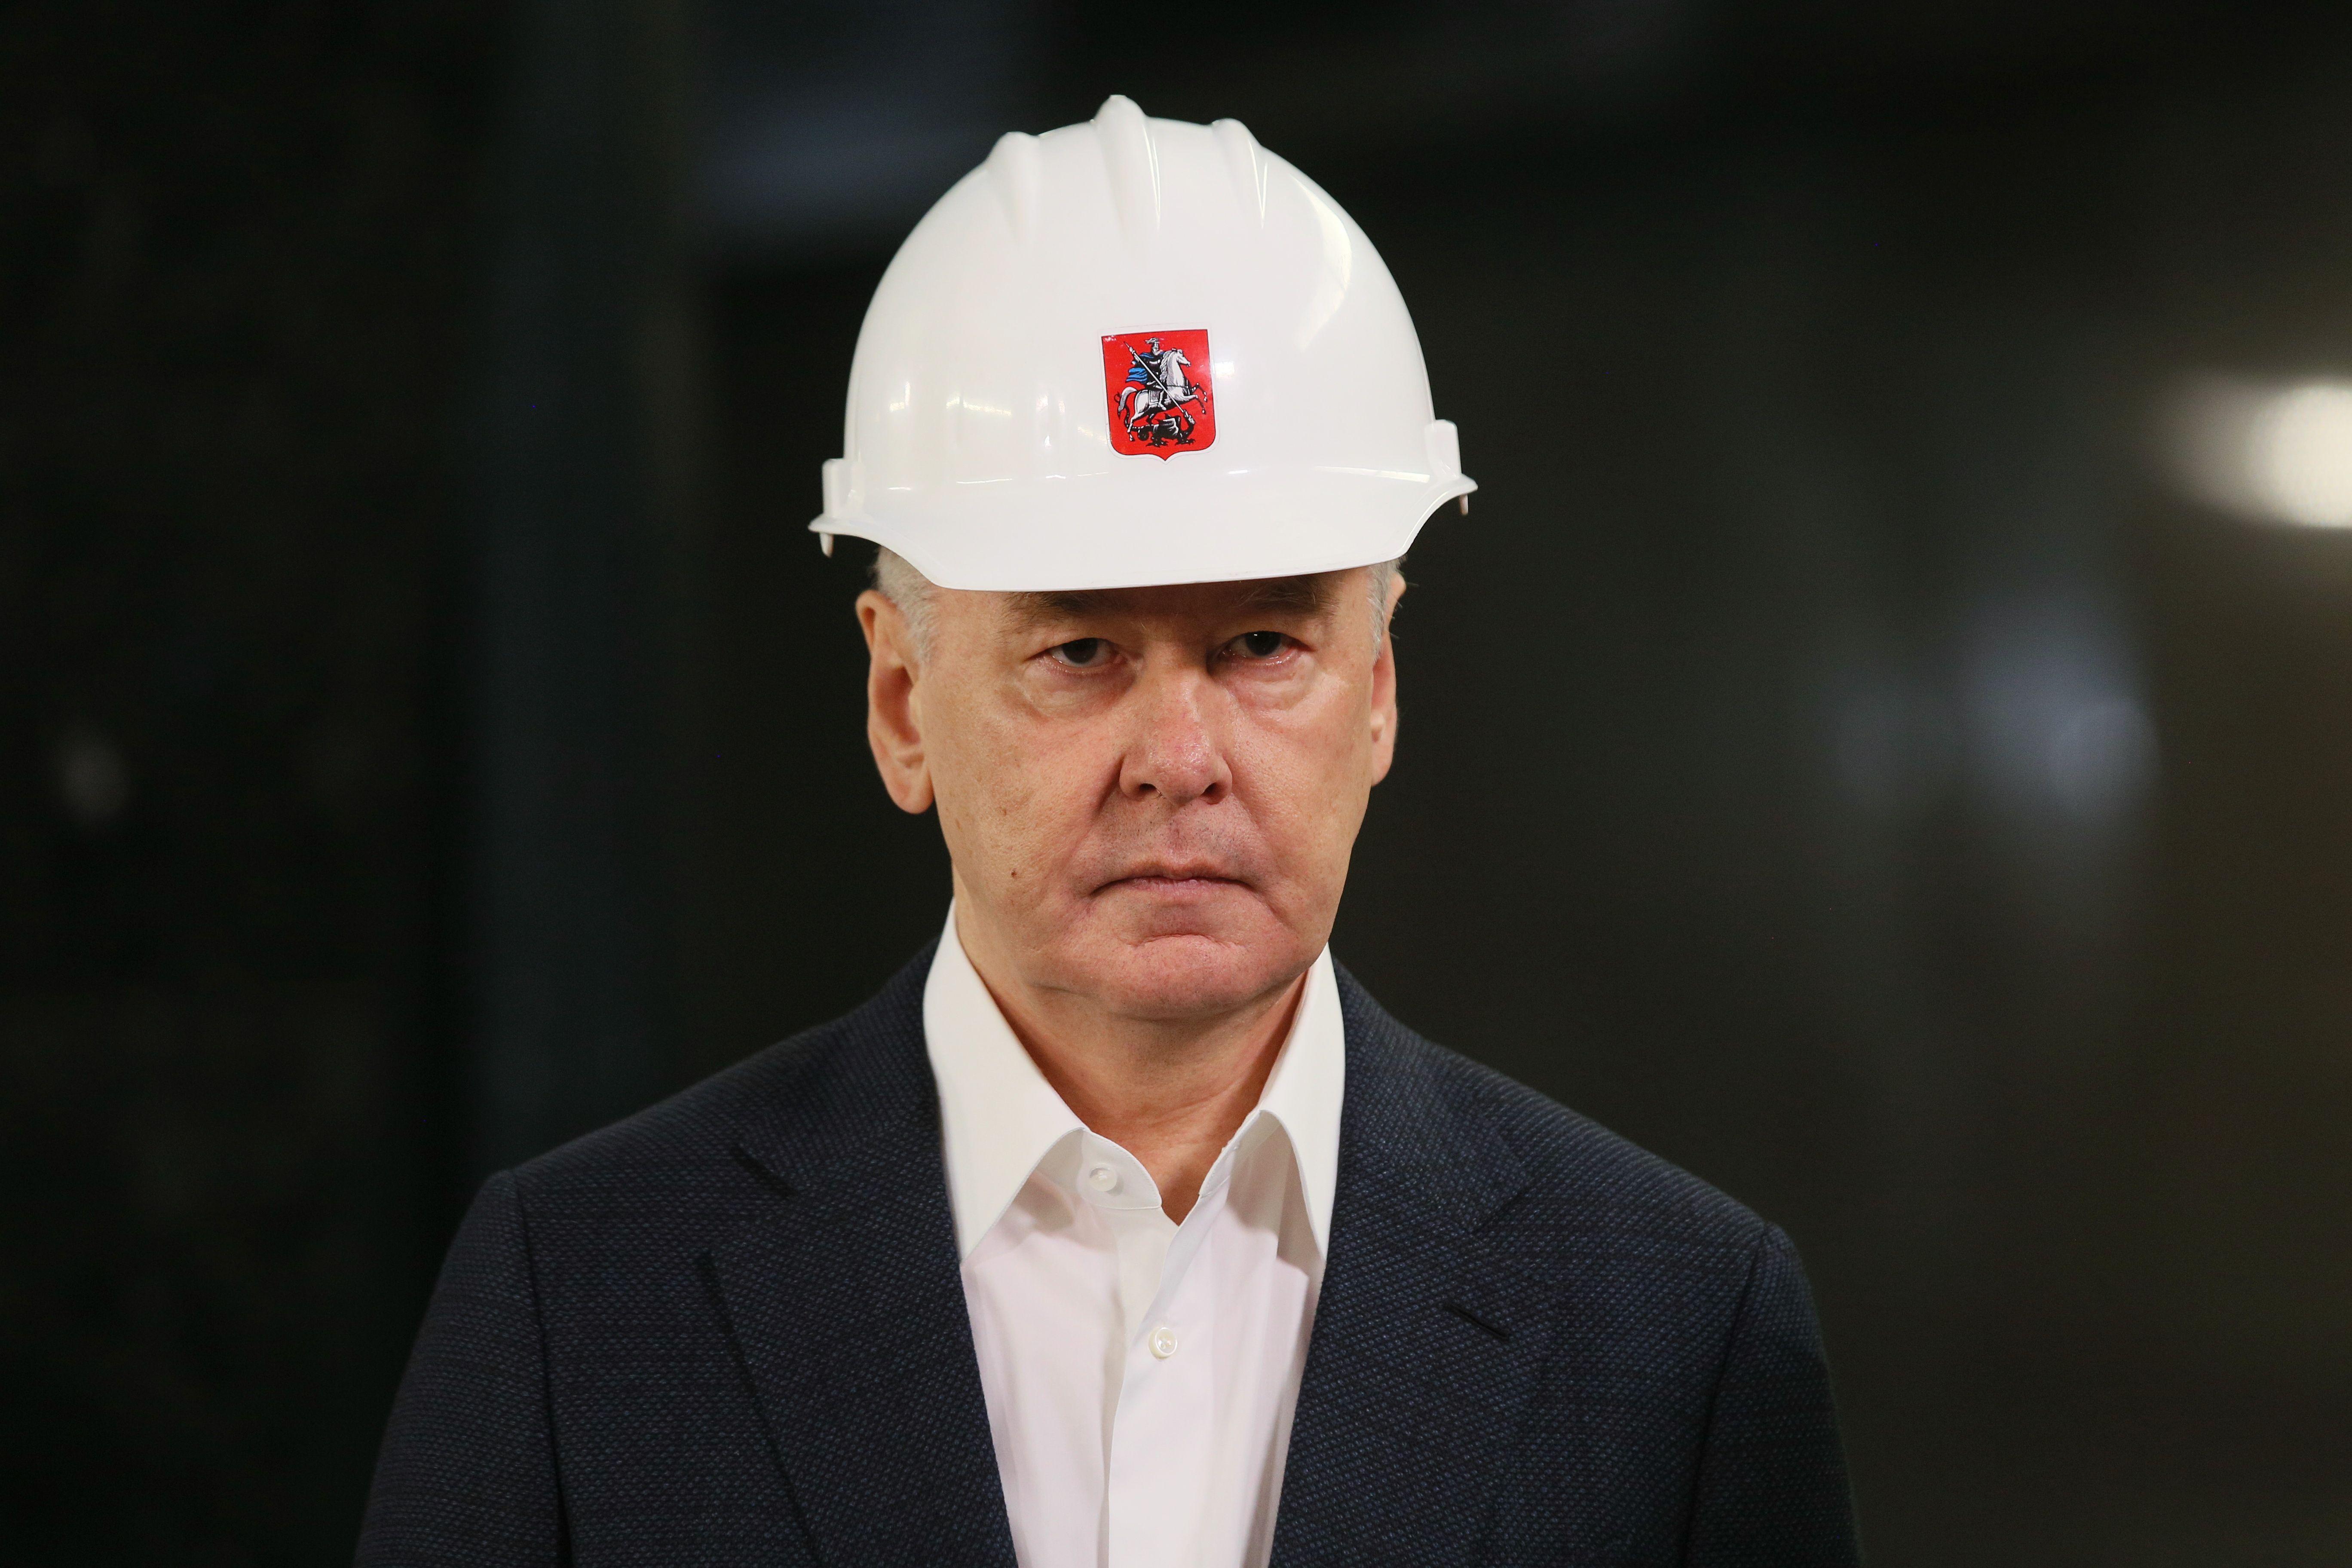 Сергей Собянин анонсировал открытие станции метро «Зюзино» в 2021 году